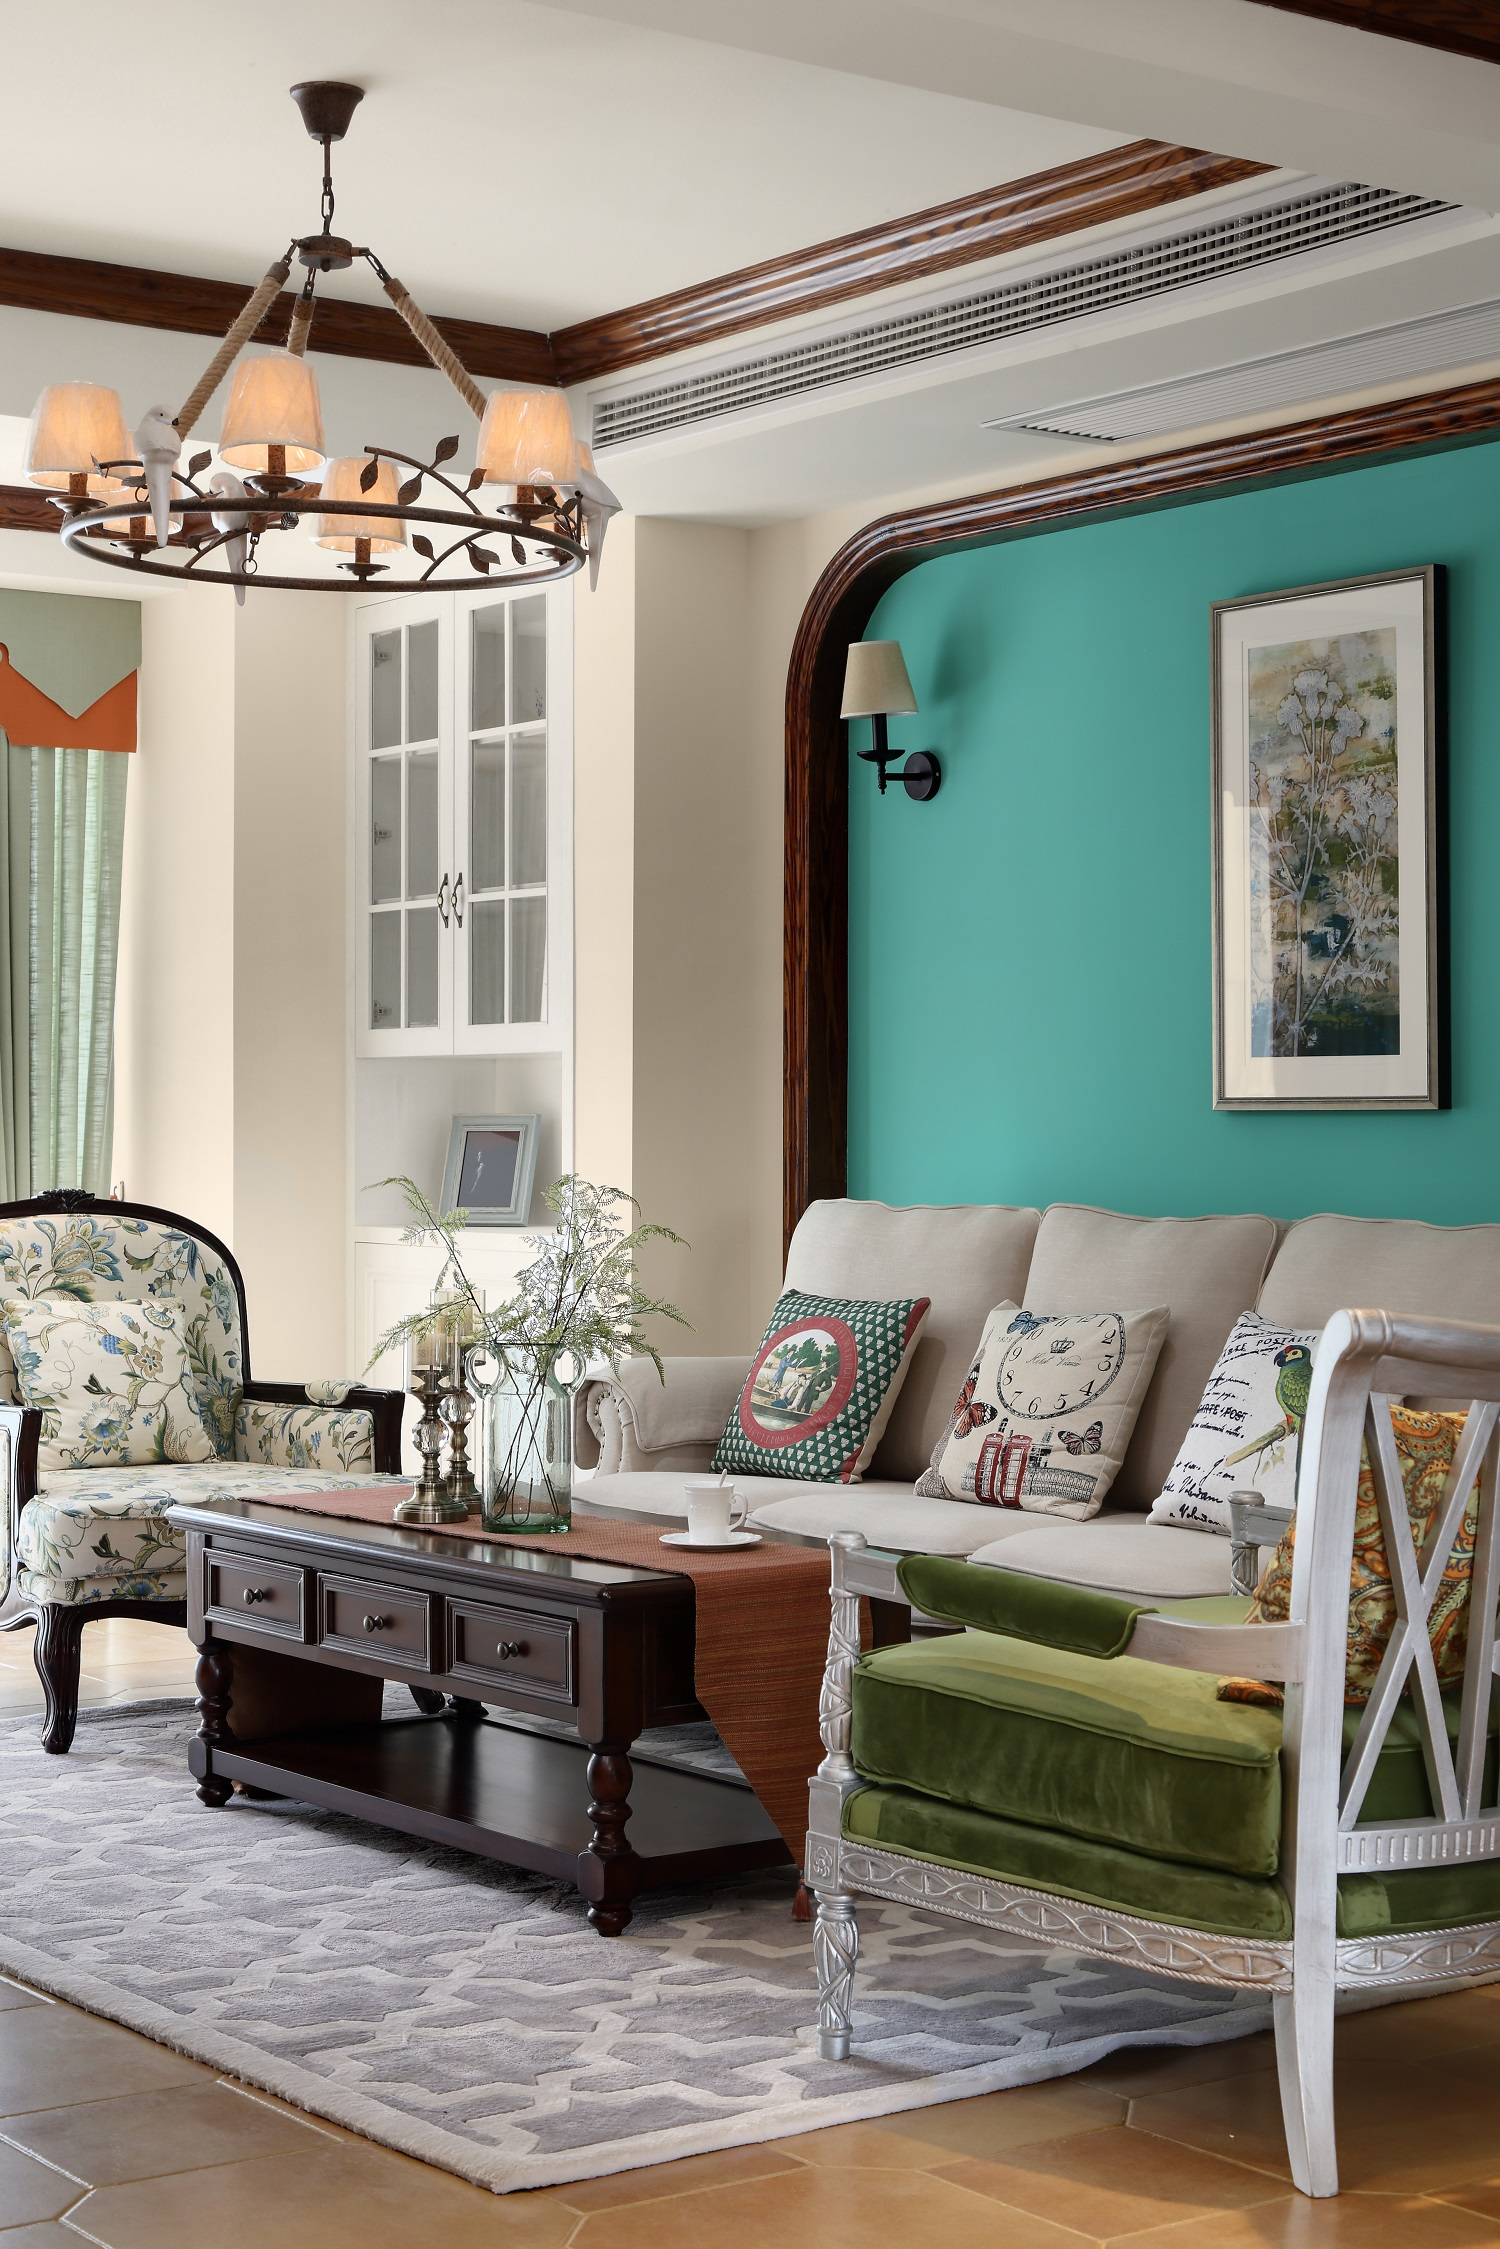 复式美式风格装修客厅吊灯设计